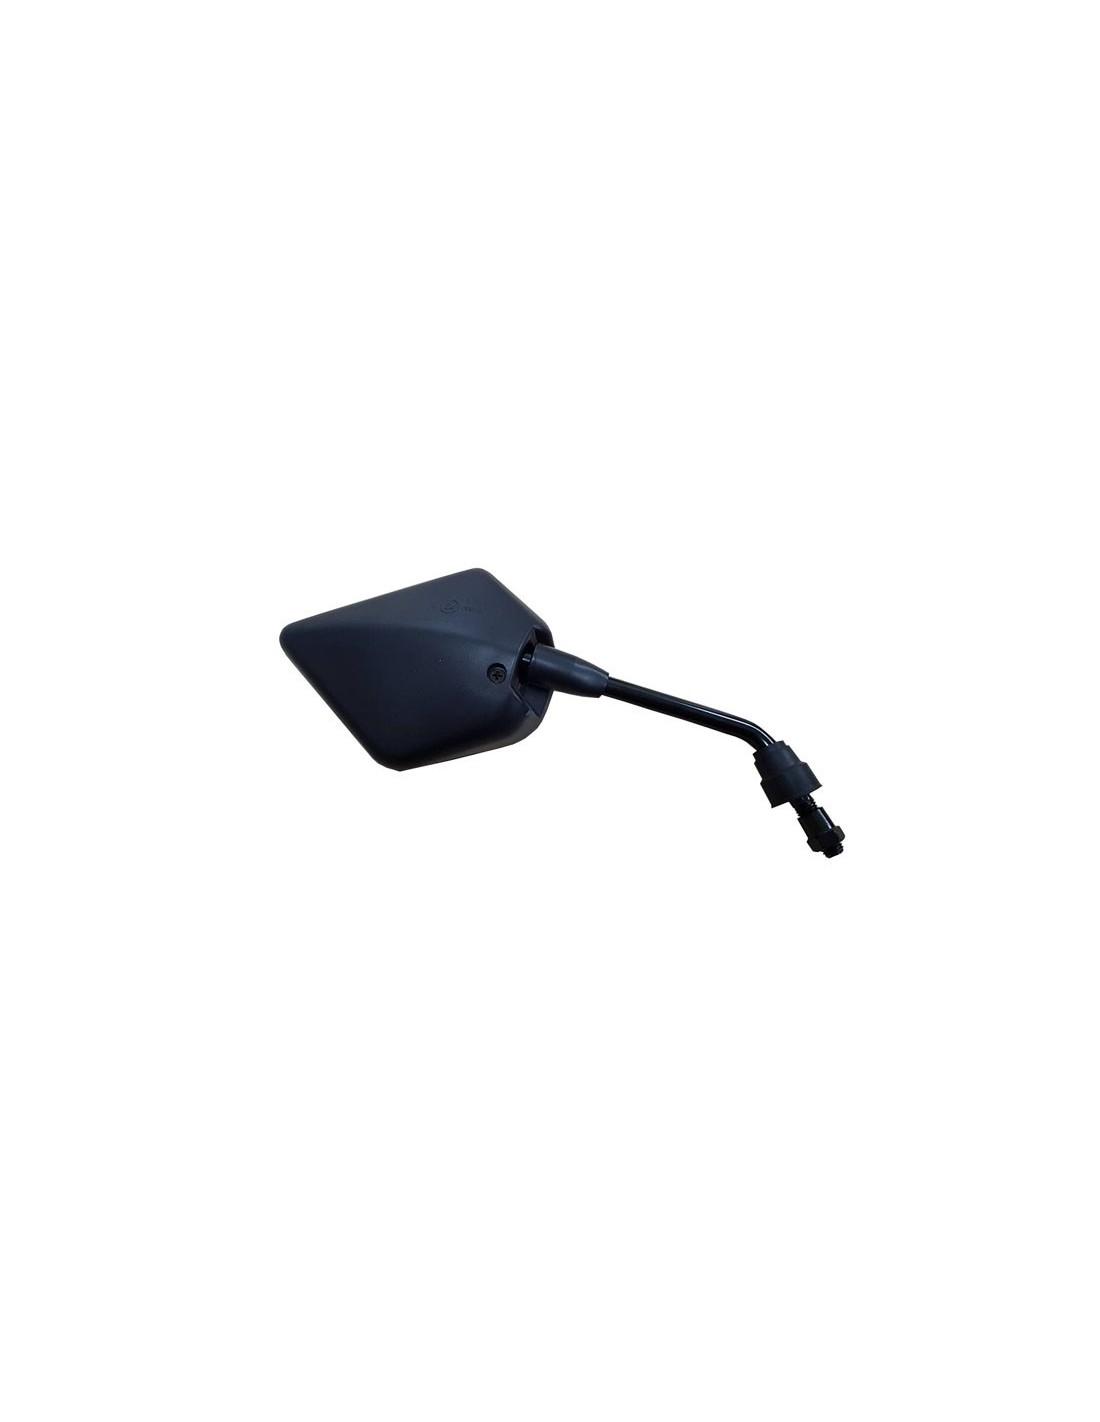 Espejos retrovisores universales color negro aerodinámico 81-K061-01-2